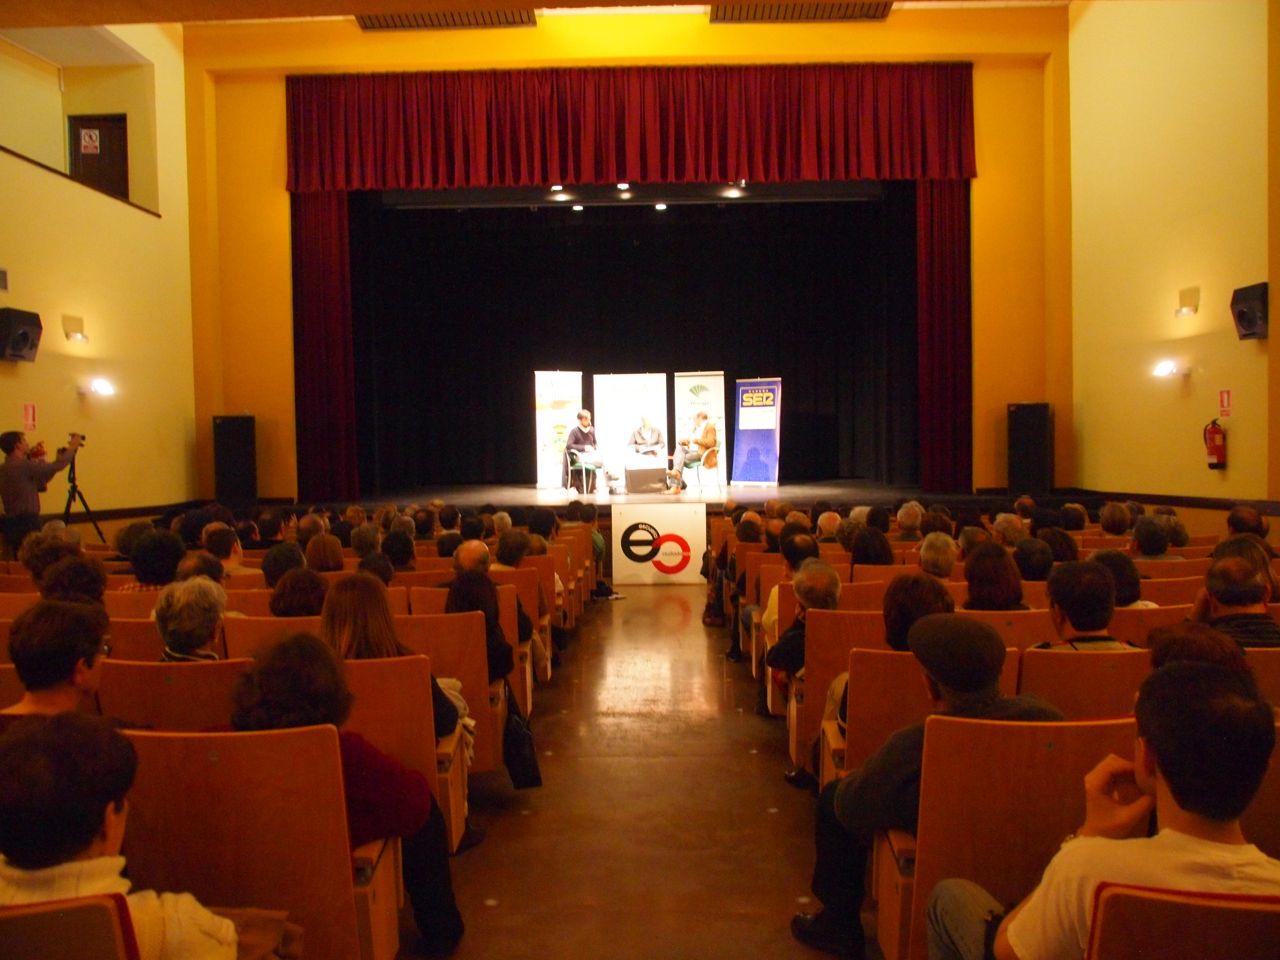 Escuela de ciudadanos viii curso 2015 2016 debate ignacio escolar jes s mara a - Casa de cultura ignacio aldecoa ...